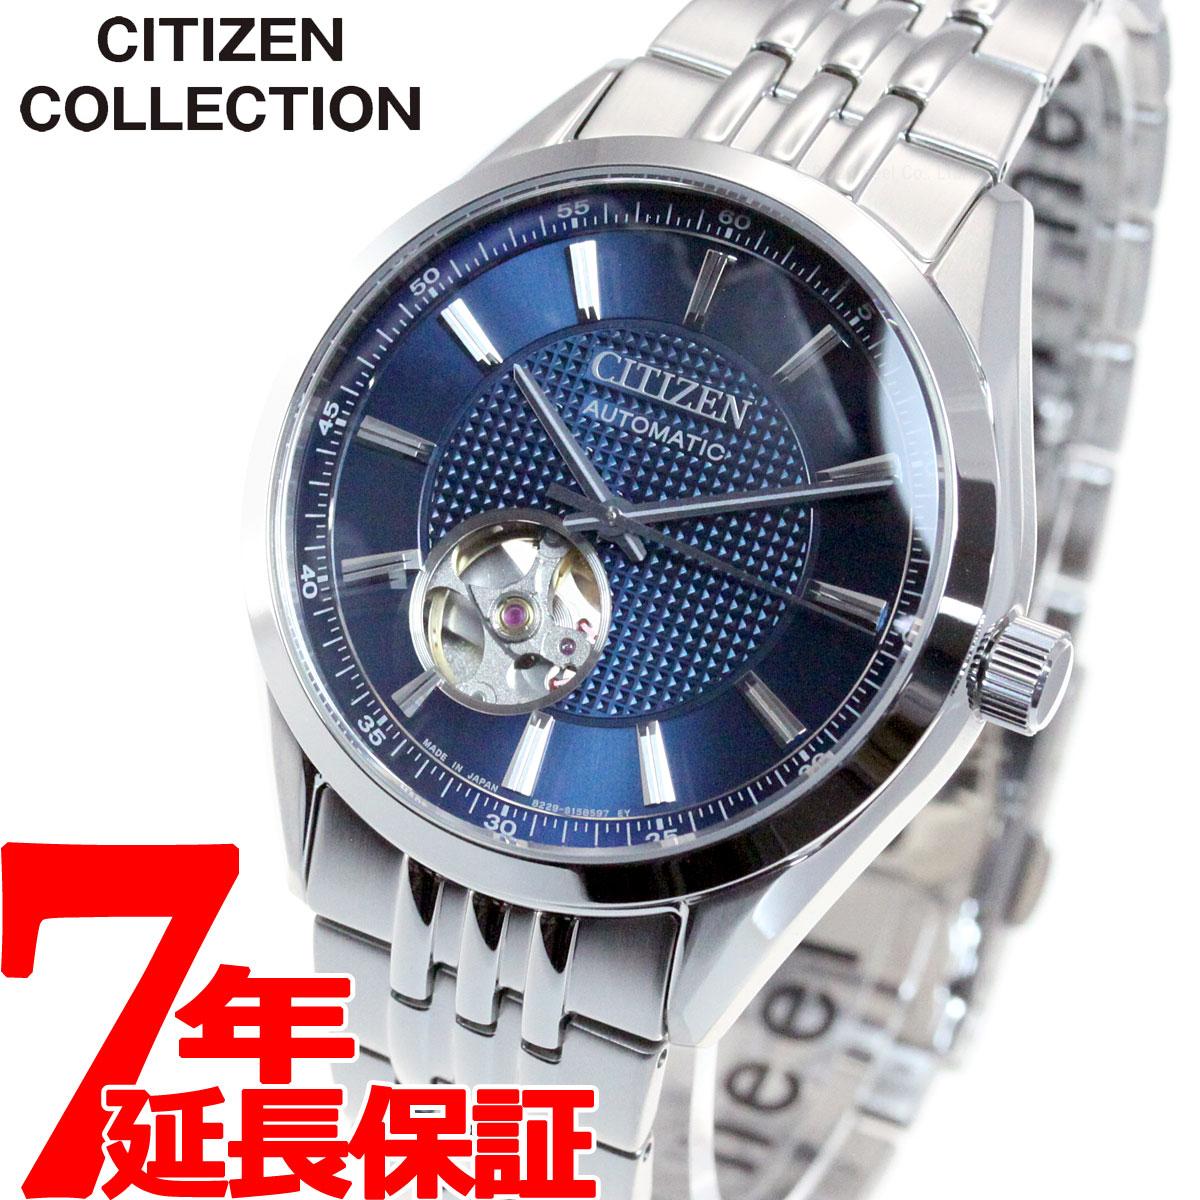 シチズンコレクション CITIZEN COLLECTION メカニカル 自動巻き 機械式 腕時計 メンズ クラシカル オープンハート NH9110-81L【2018 新作】